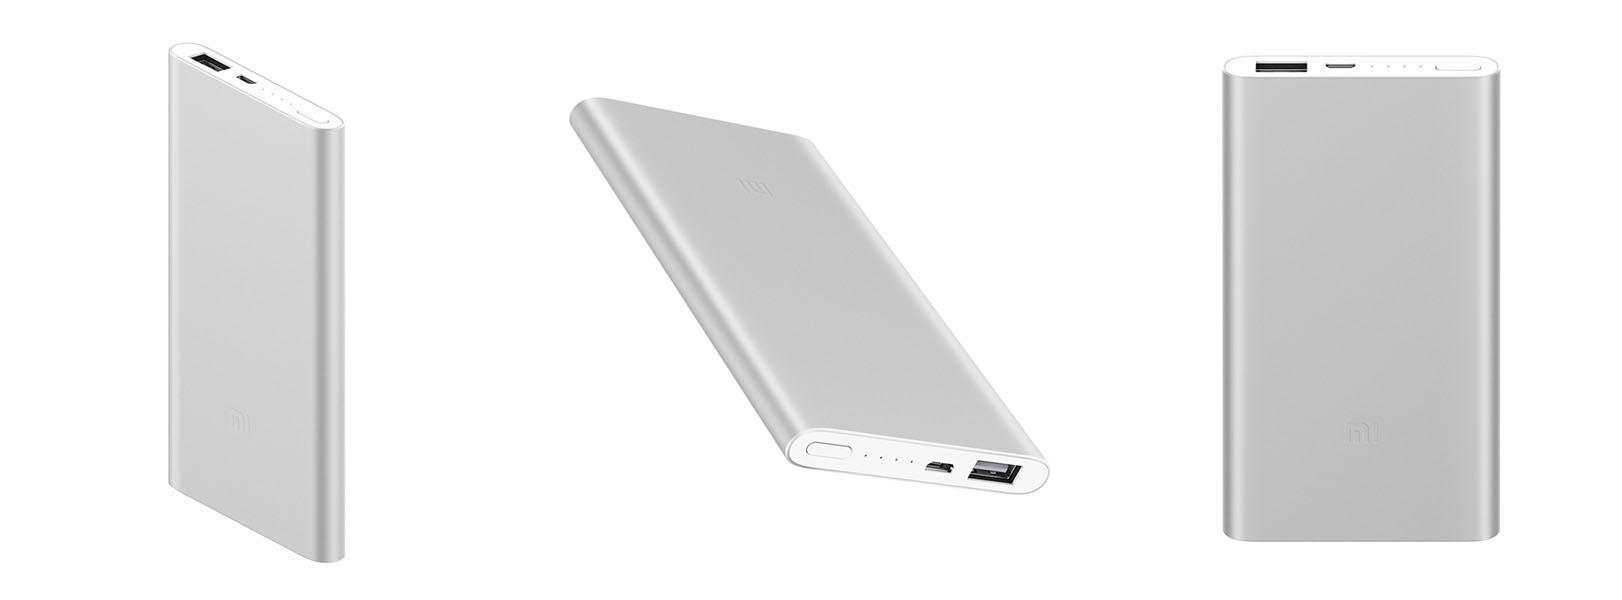 Топ-5 мобильных батарей от Comfy - батарея xiaomi 5000 в трех ракурсах